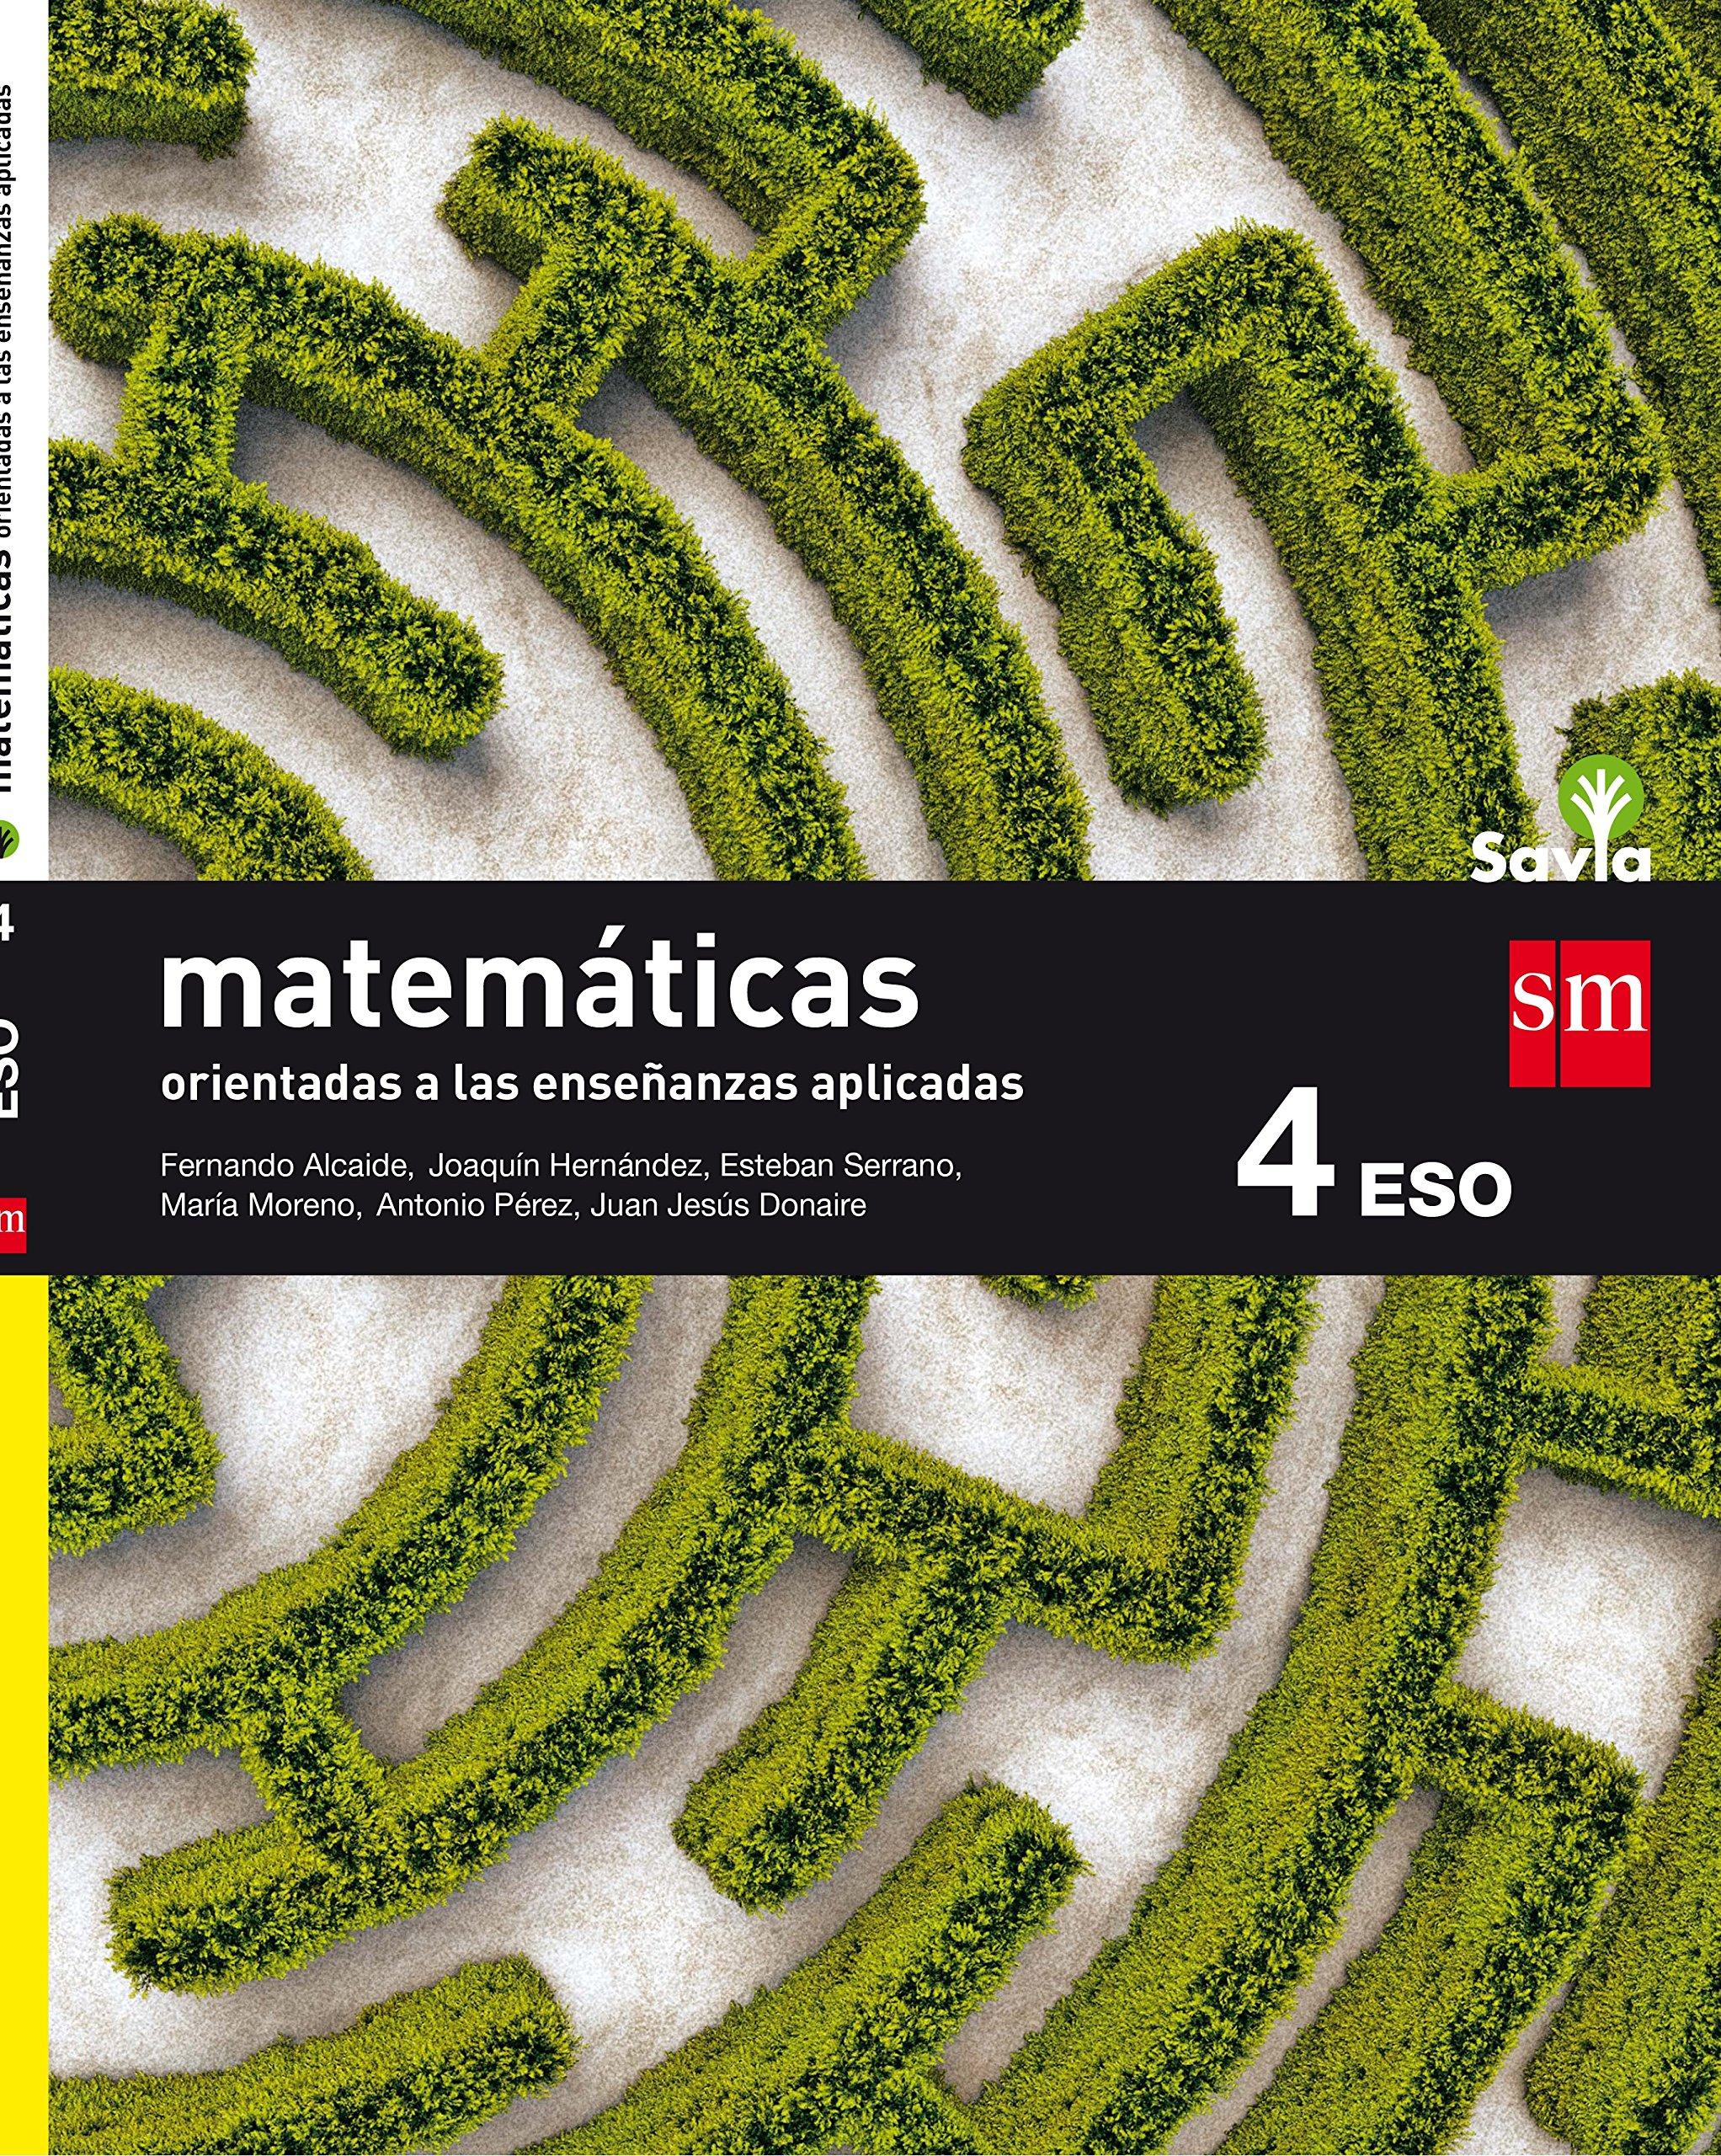 Matemáticas orientadas a las ciencias aplicadas. 4 ESO. Savia ...